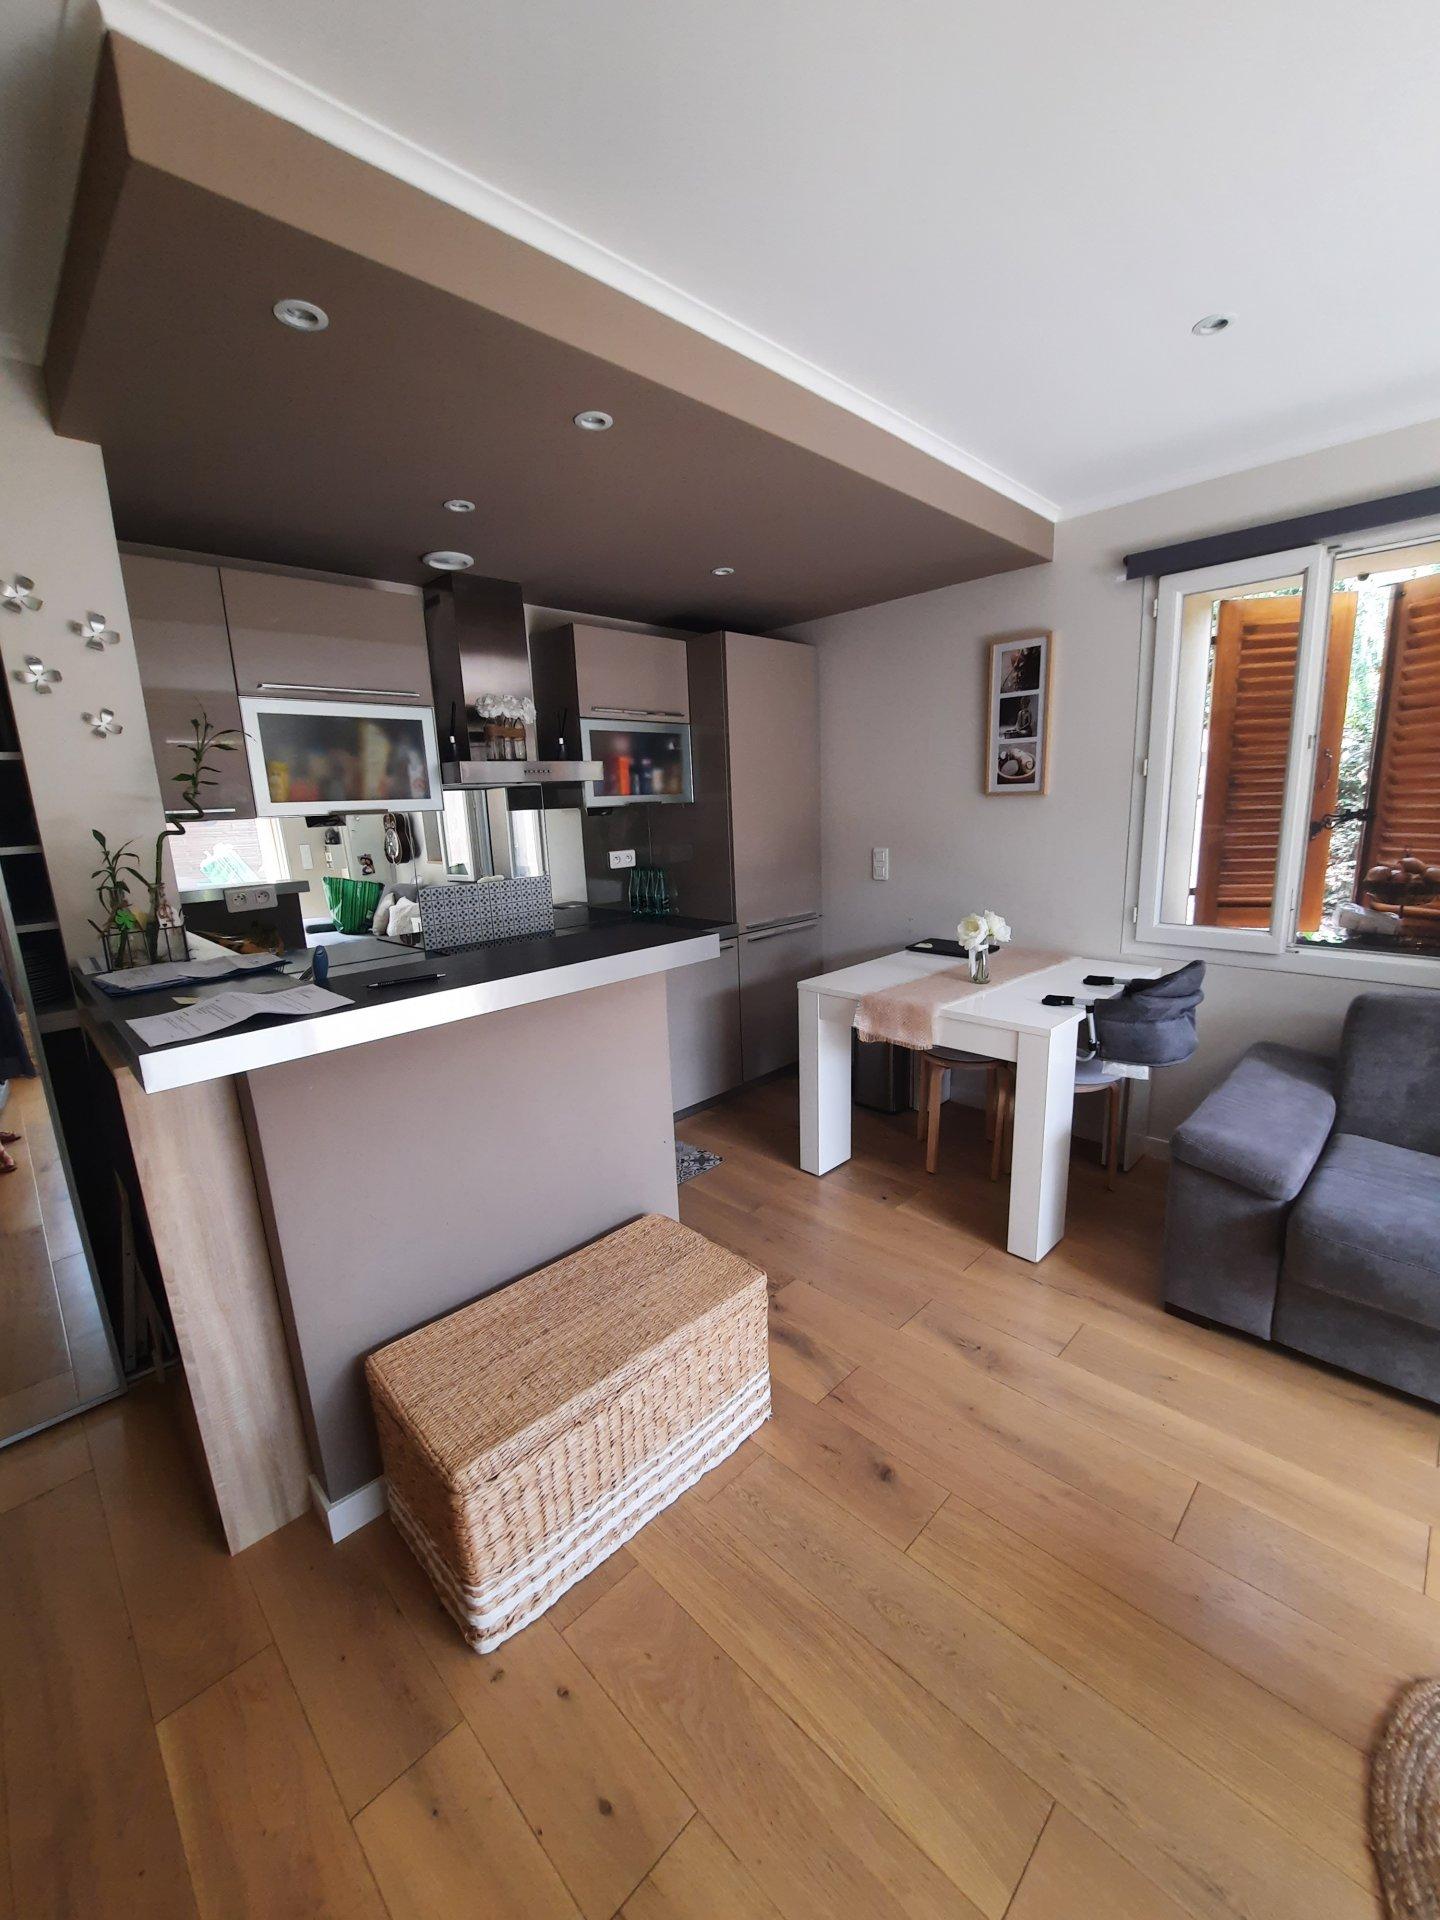 Sale Apartment - Tourrette-Levens Saint-Sébastien